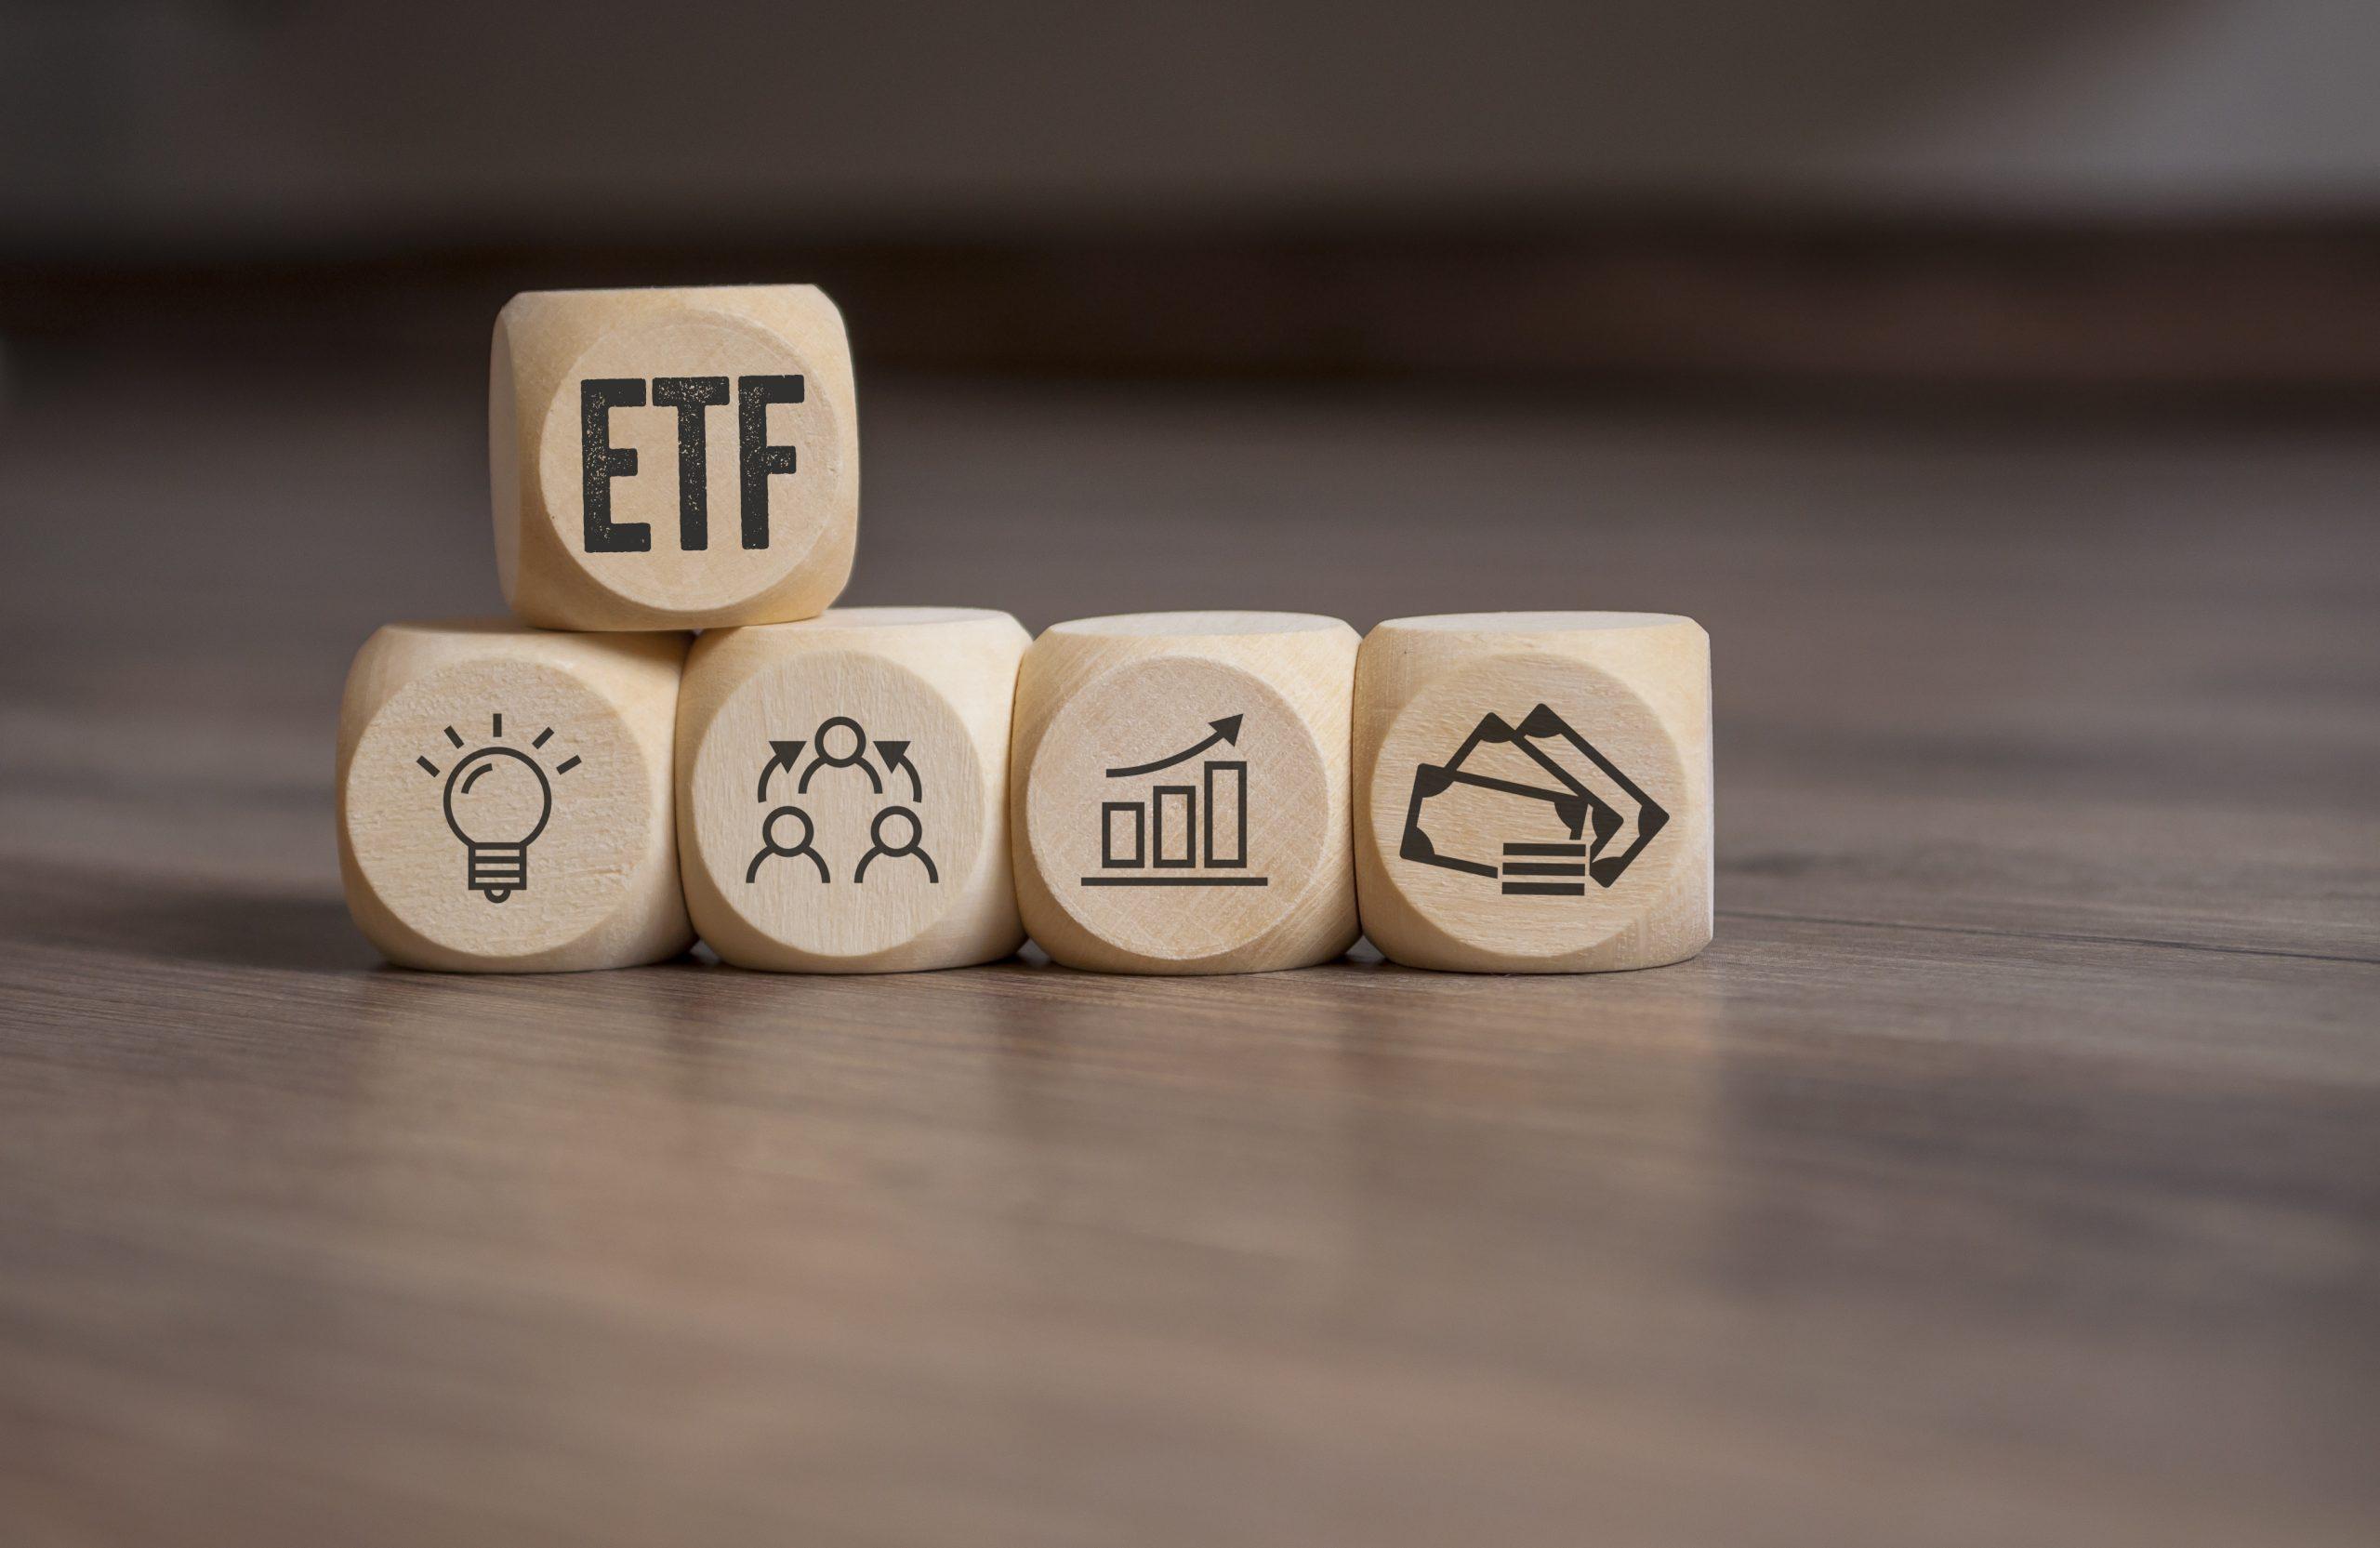 ETF Sparplan: Mit kleinen Investitionen langfristig Vermögen aufbauen